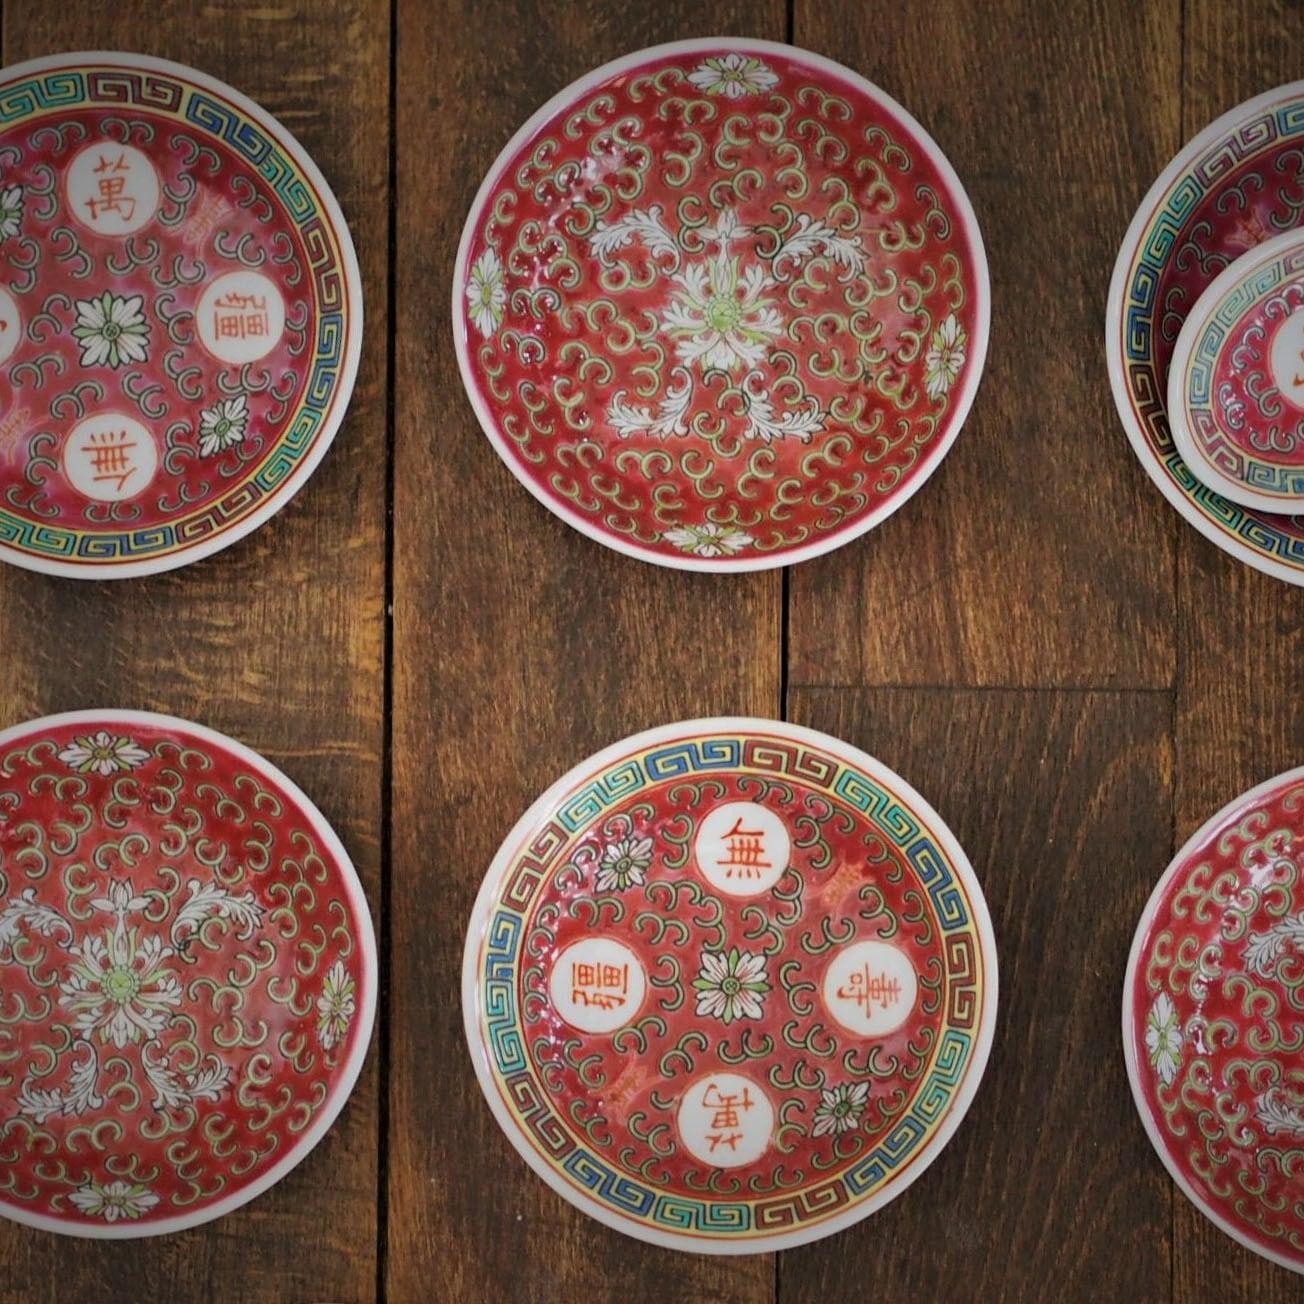 『朱色ちいさめのお皿10センチ―2種―』景徳鎮